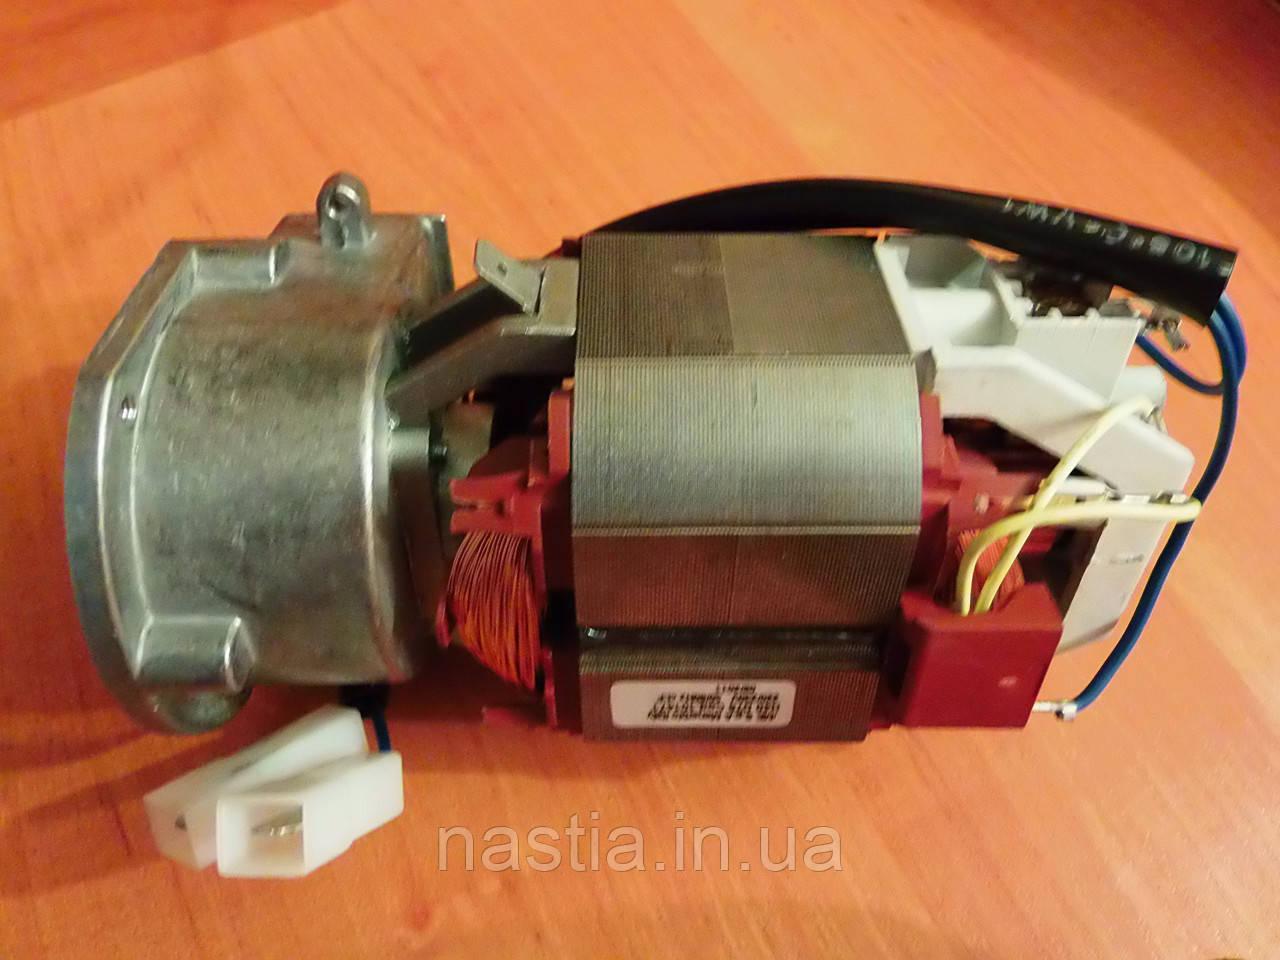 Двигатель кофемолки Кристало 400